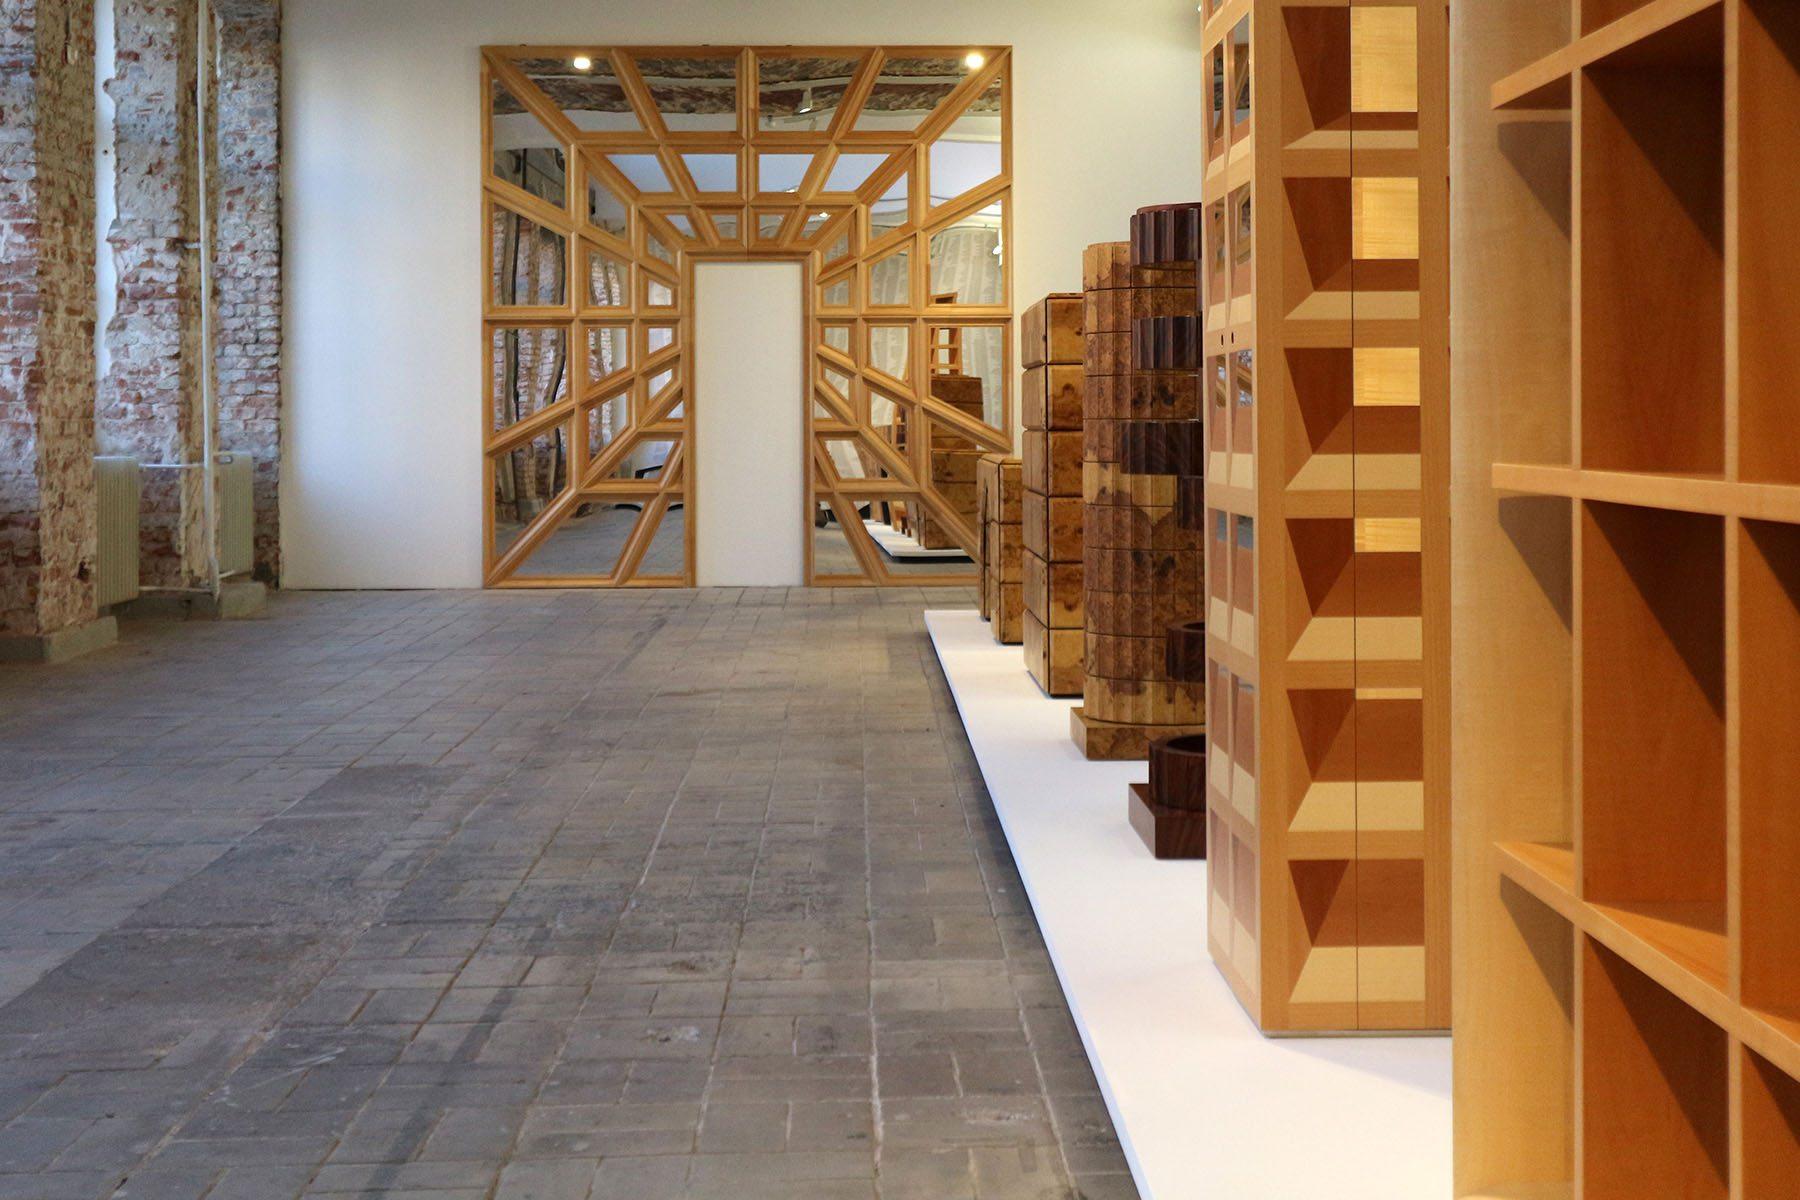 The Log-O-Rithmic Slide Rule: A Retrospective. Anlässlich dieser Ausstellung stellten sie ihr Konzept eines kritischen Manierismus vor, der sich gegen die erstarrte Klassizität in der Architektur richtet.